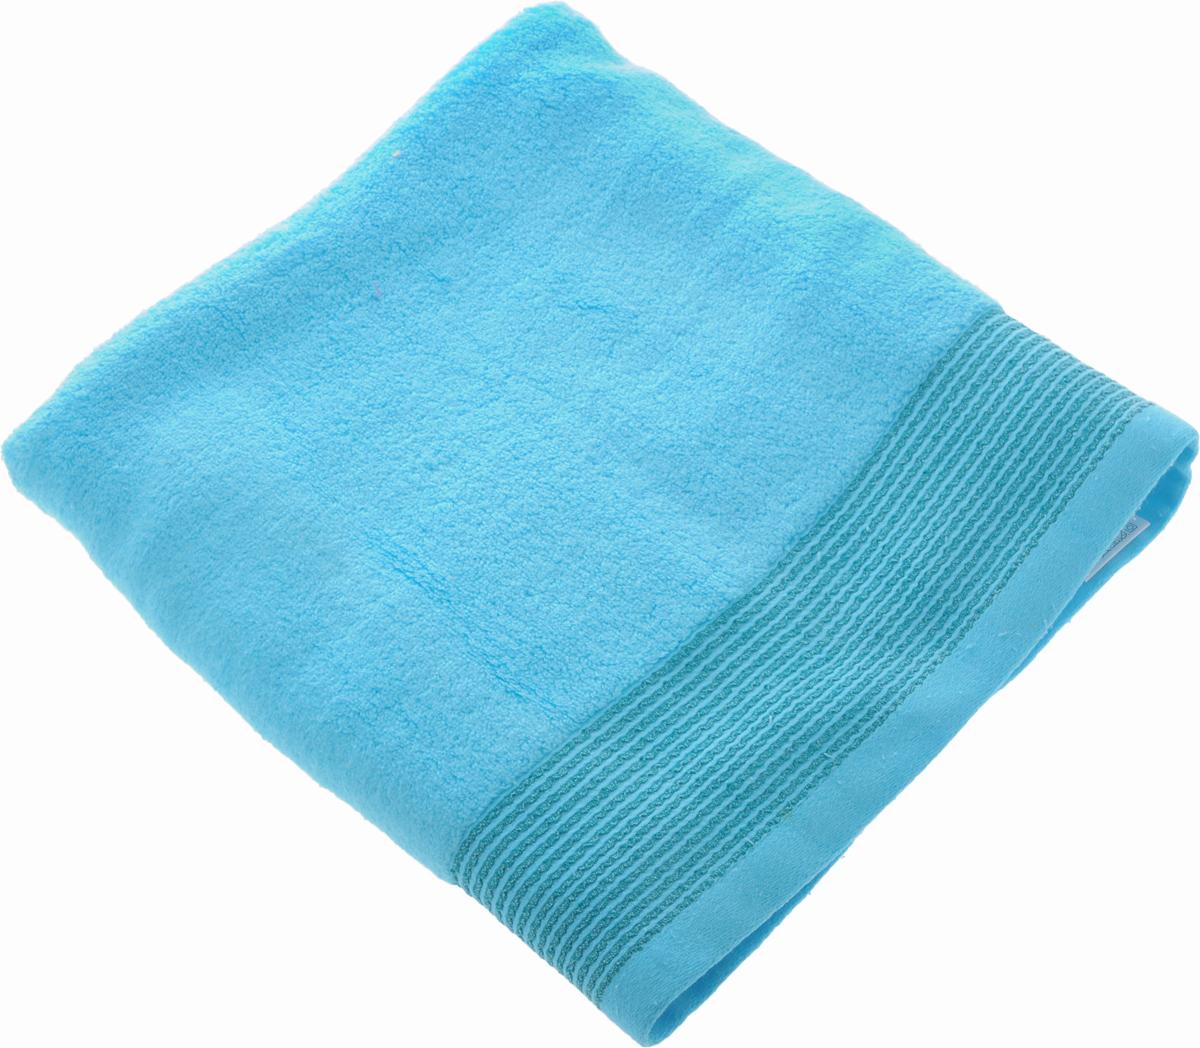 Полотенце Soavita Селсо, цвет: голубой, 70 х 140 см61276Полотенце Soavita Селсо выполнено из 100% хлопка. Изделие отлично впитывает влагу, быстро сохнет, сохраняет яркость цвета и не теряет форму даже после многократных стирок. Полотенце очень практично и неприхотливо в уходе. Оно создаст прекрасное настроение и украсит интерьер в ванной комнате.